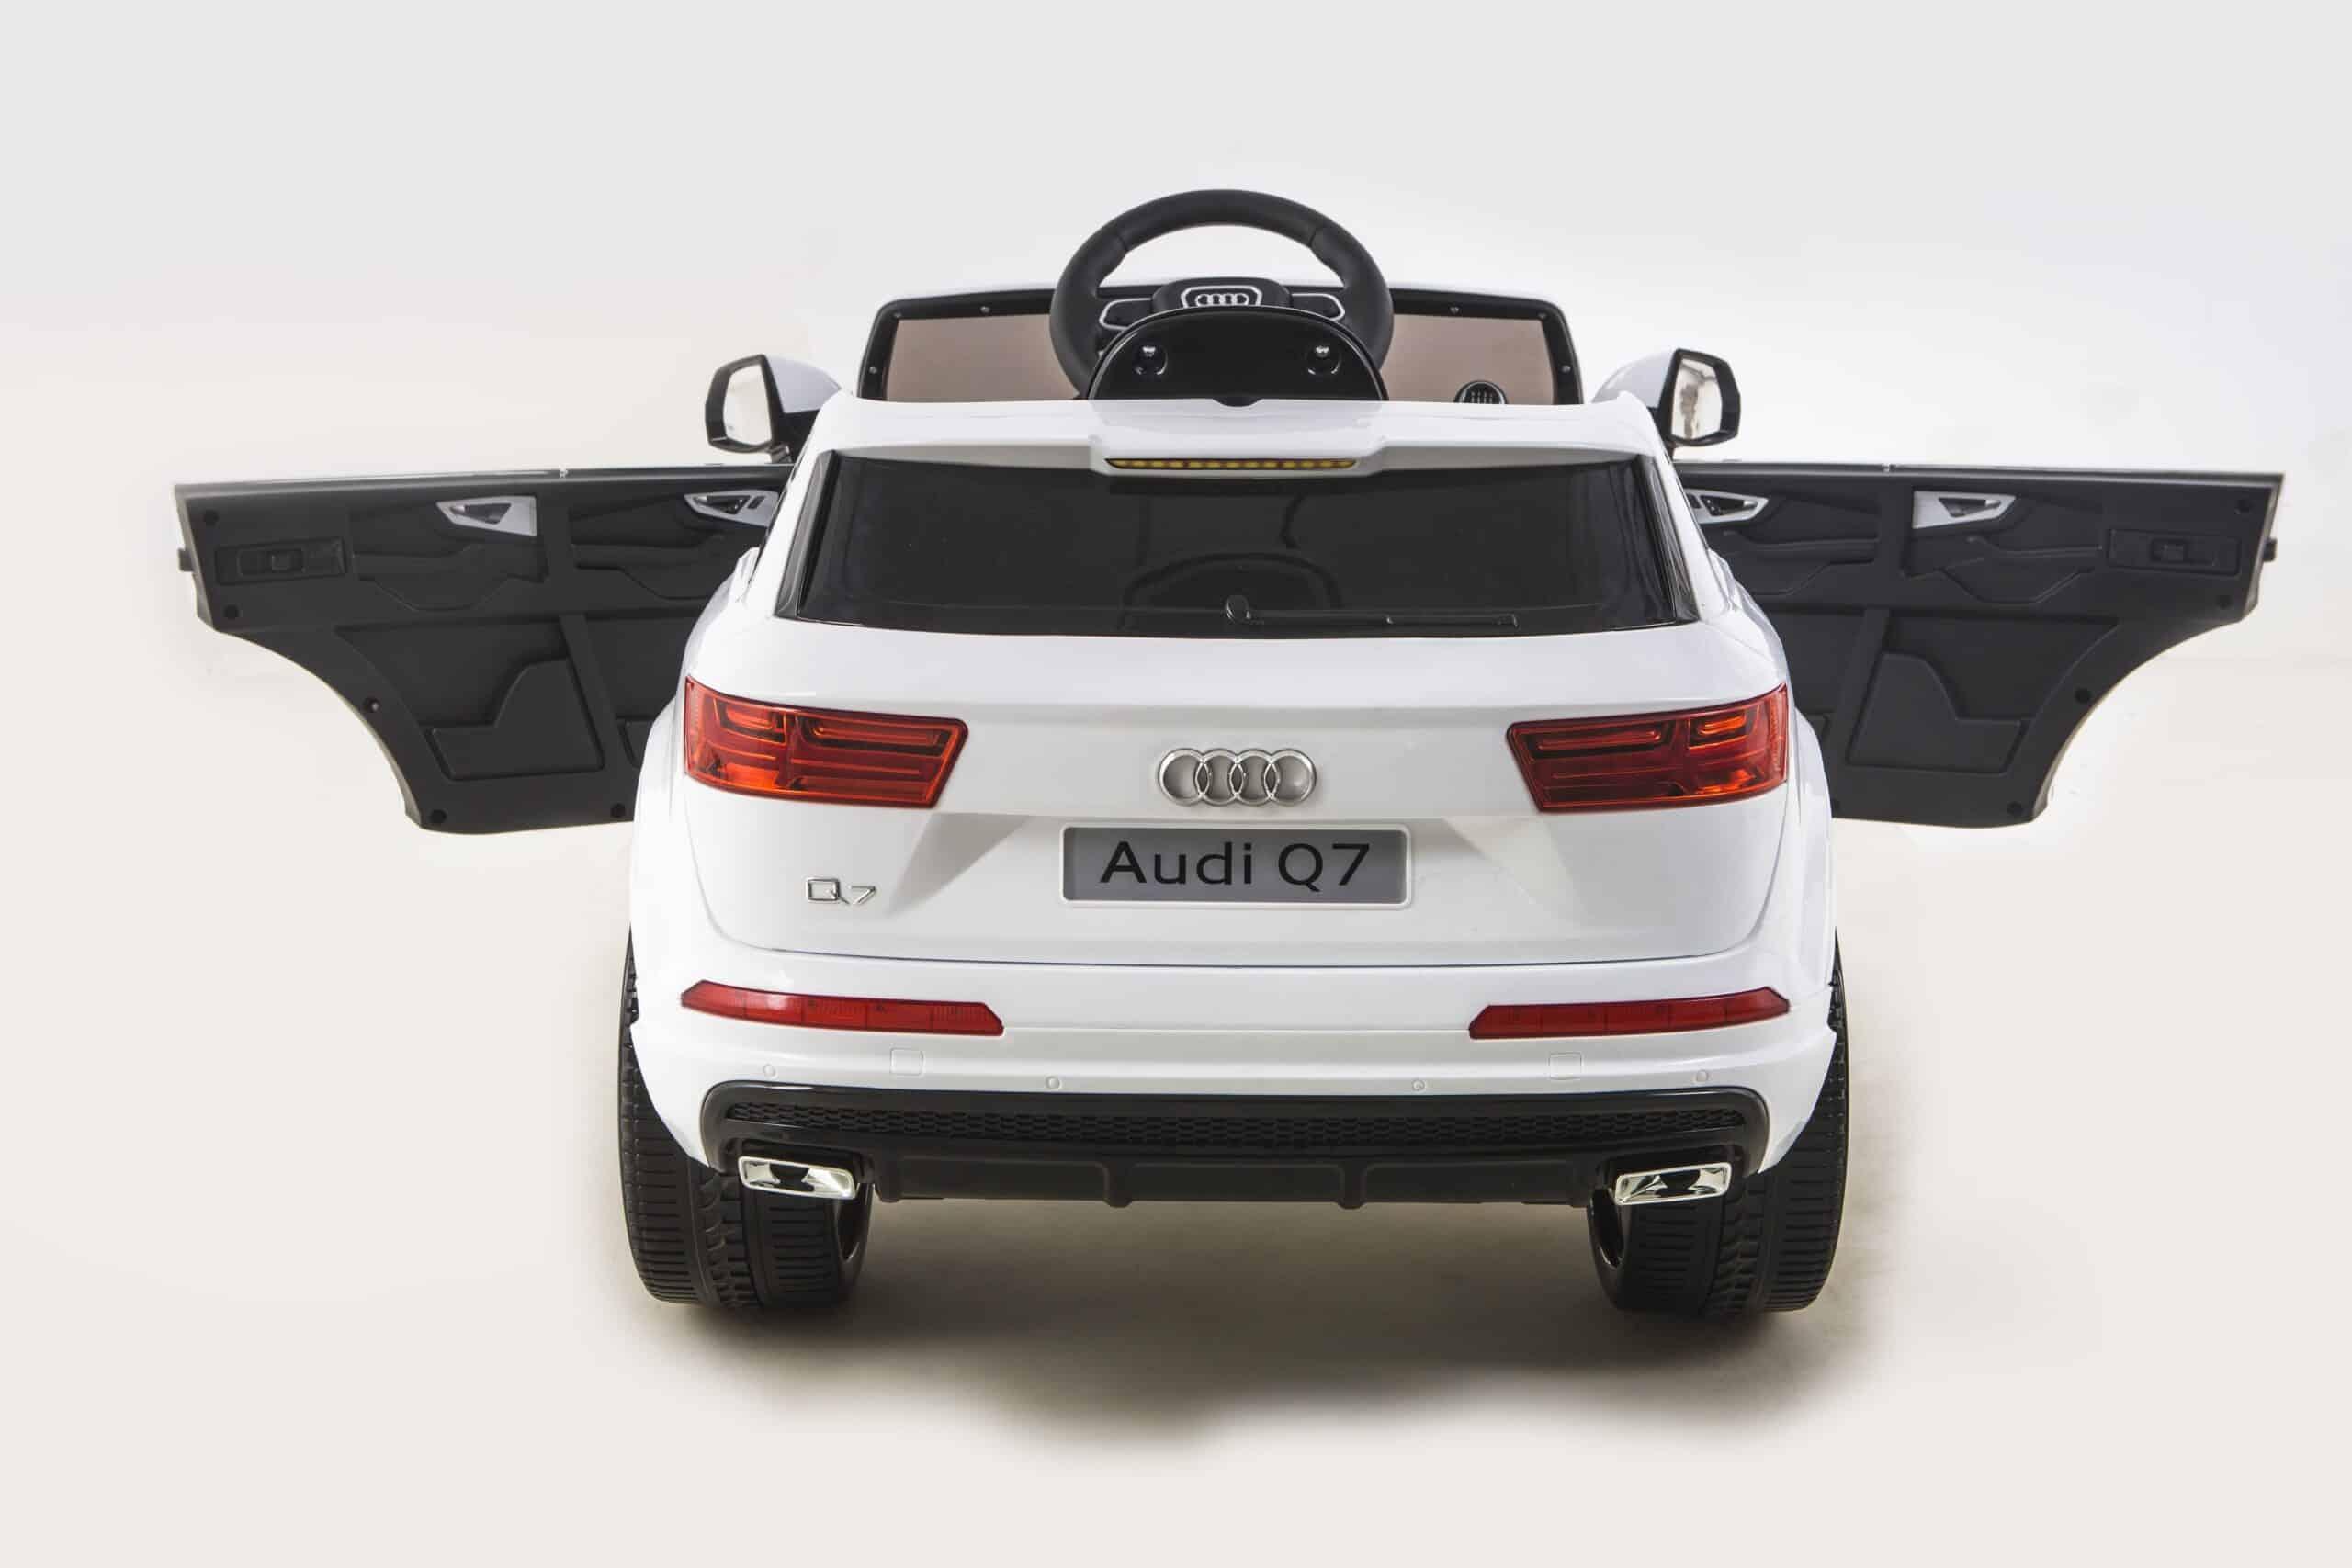 Licensed 12v Audi Q7 Children's Battery Operated 12v Ride On – White